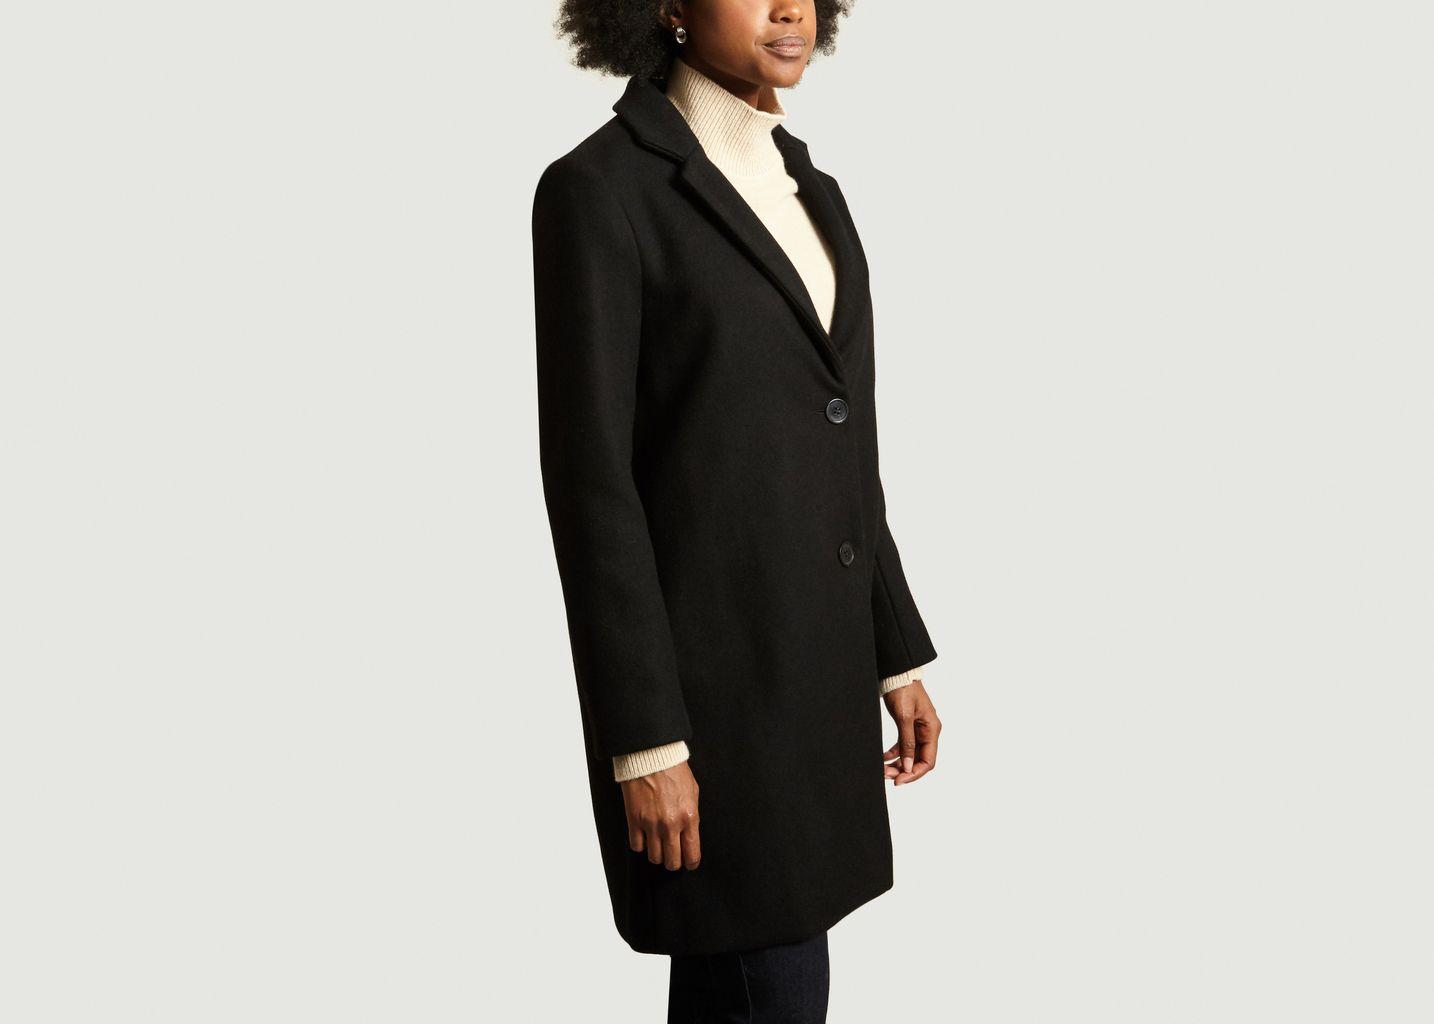 Manteau Classique A 2 Boutons - Maison Kitsuné